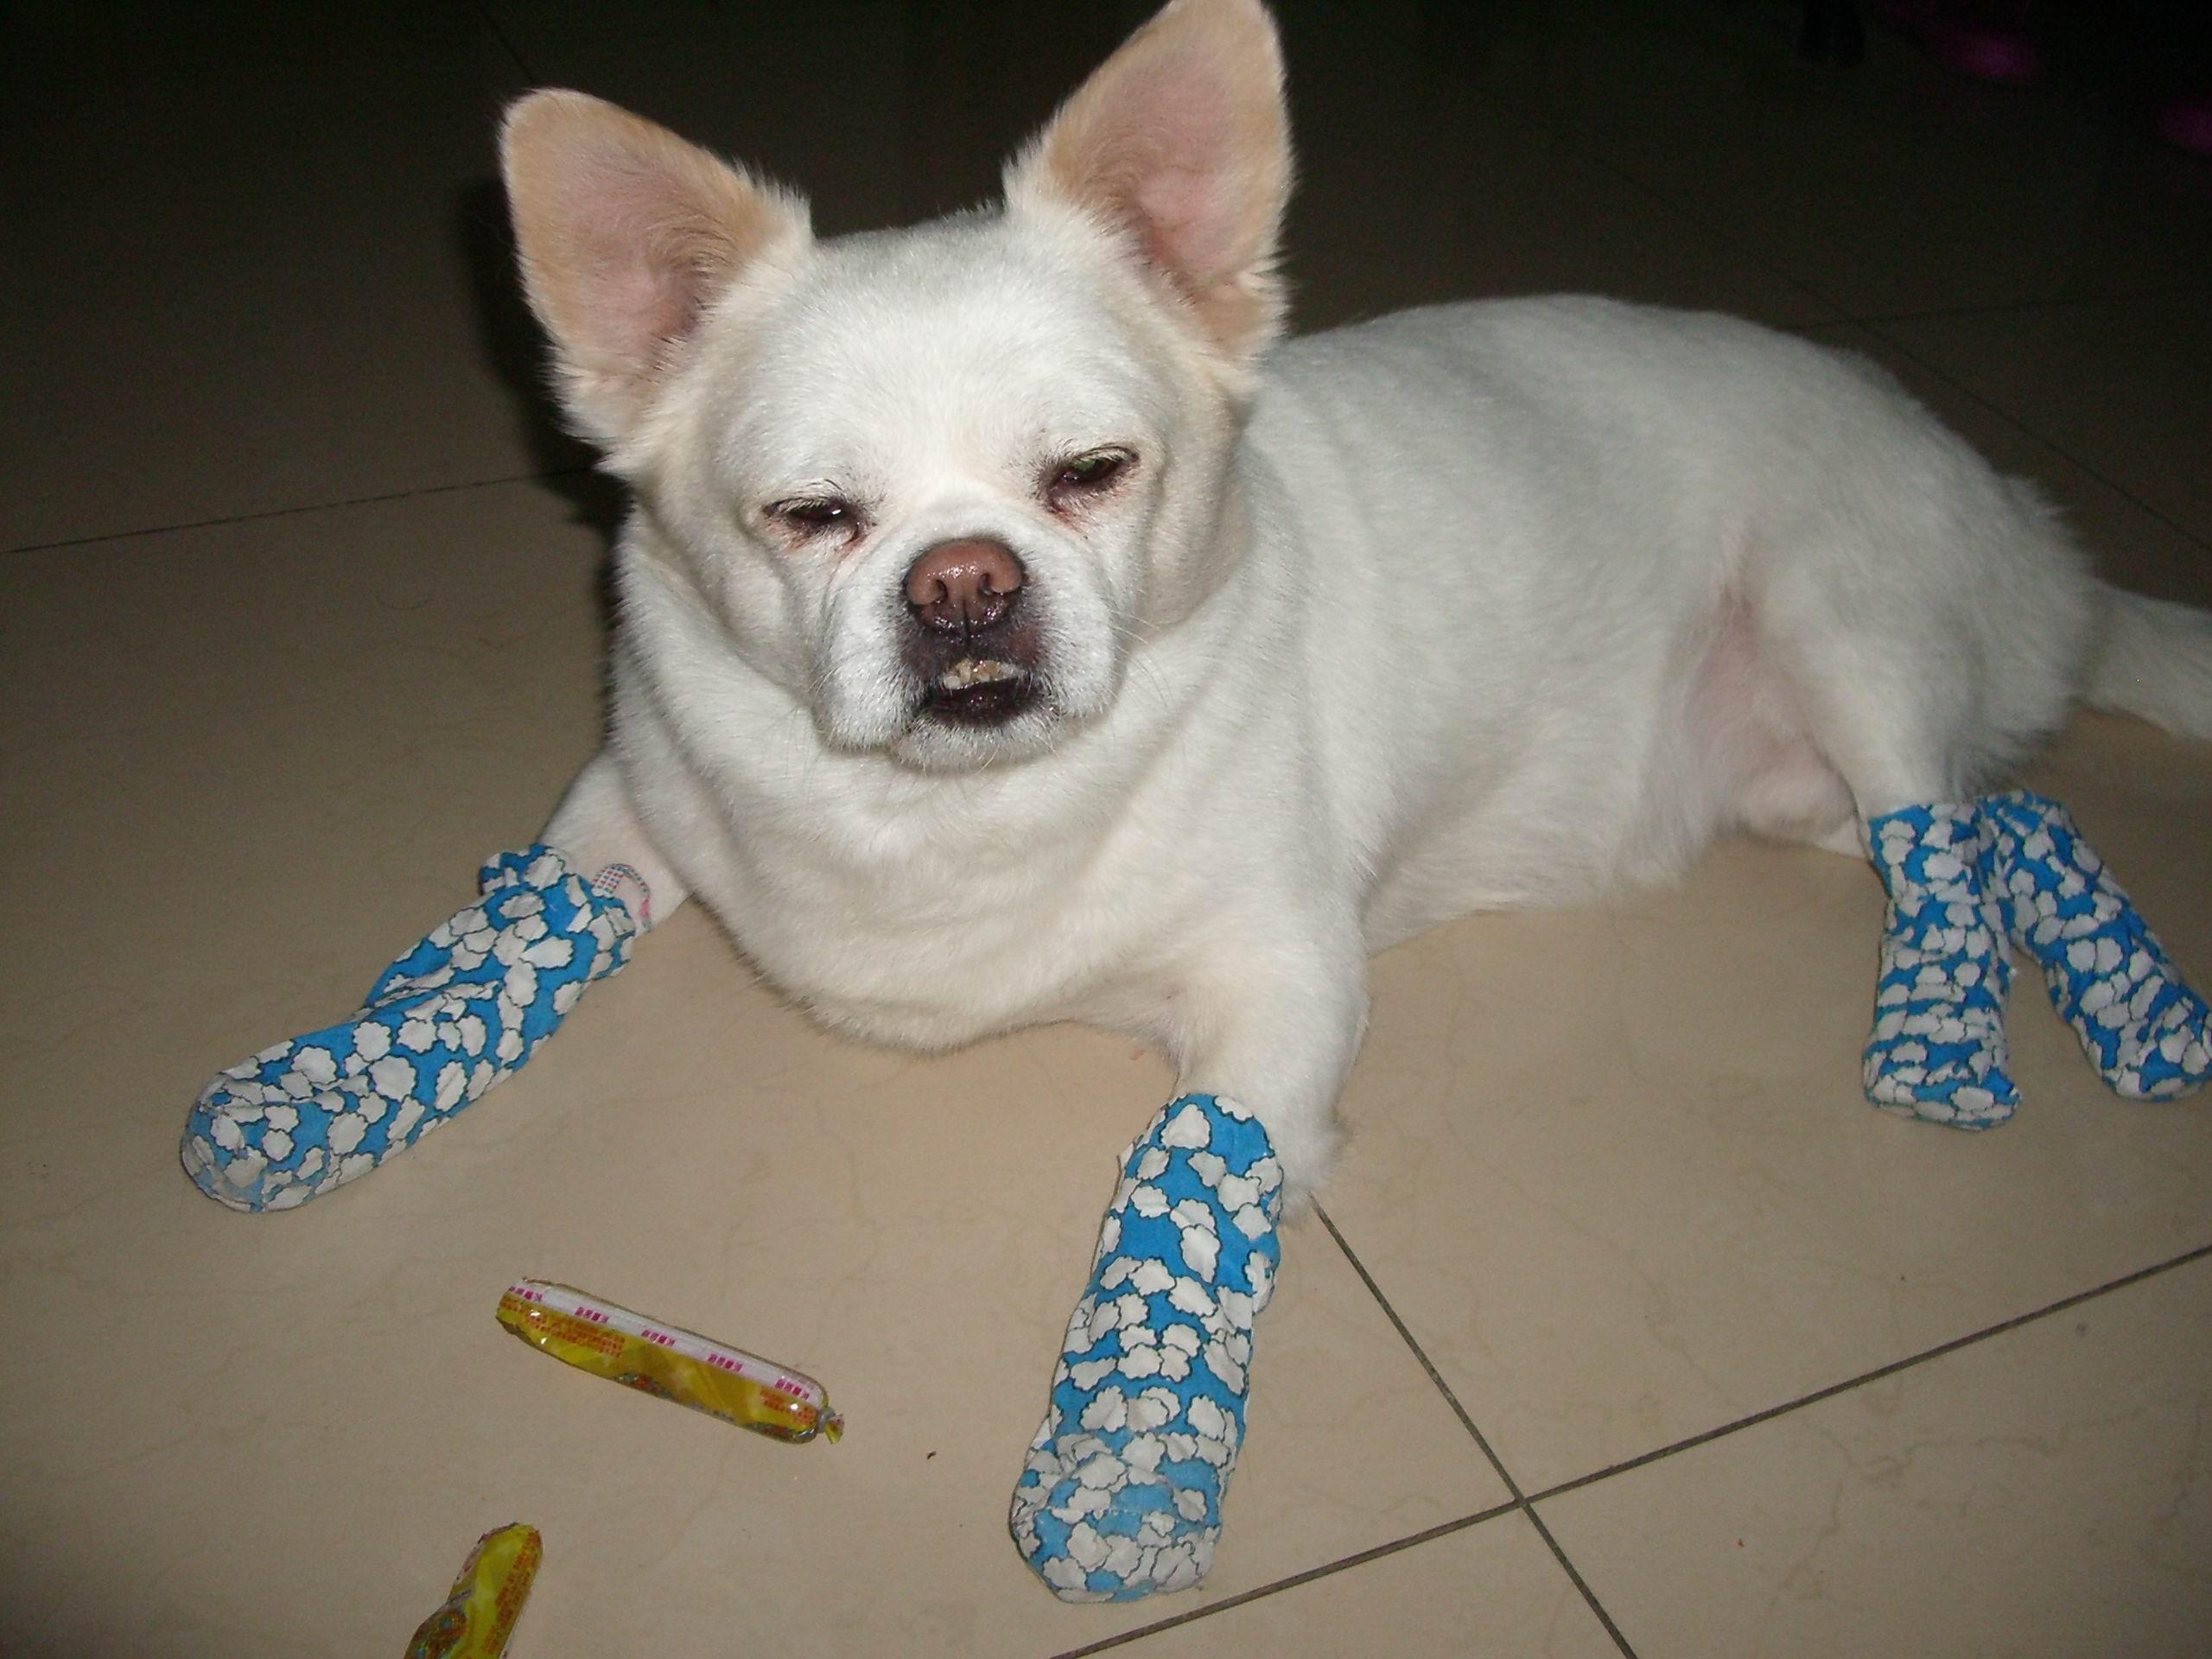 一条白色的宠物小公狗(狐狸犬)于2011年2月21日在白城吉鹤院及保胜乡附近丢失,名为雪儿。 特征:白色短毛、两只耳朵及尾根部毛发黄、平嘴巴、紧张或生气还有听声音时两只耳朵竖立。年龄13年,重约23斤,高约40公分,身长约65公分。 这条狗如同我们家庭成员一样重要,望有好心人看到或拾到请与本人联系,重金酬谢(至少1000元)。 联系电话13578735325汪女士 联系我时请说明是在白城之窗看到的 同城交易请当面进行,以免造成损失。外地交易信息或者超低价商品请慎重,谨防上当受骗。